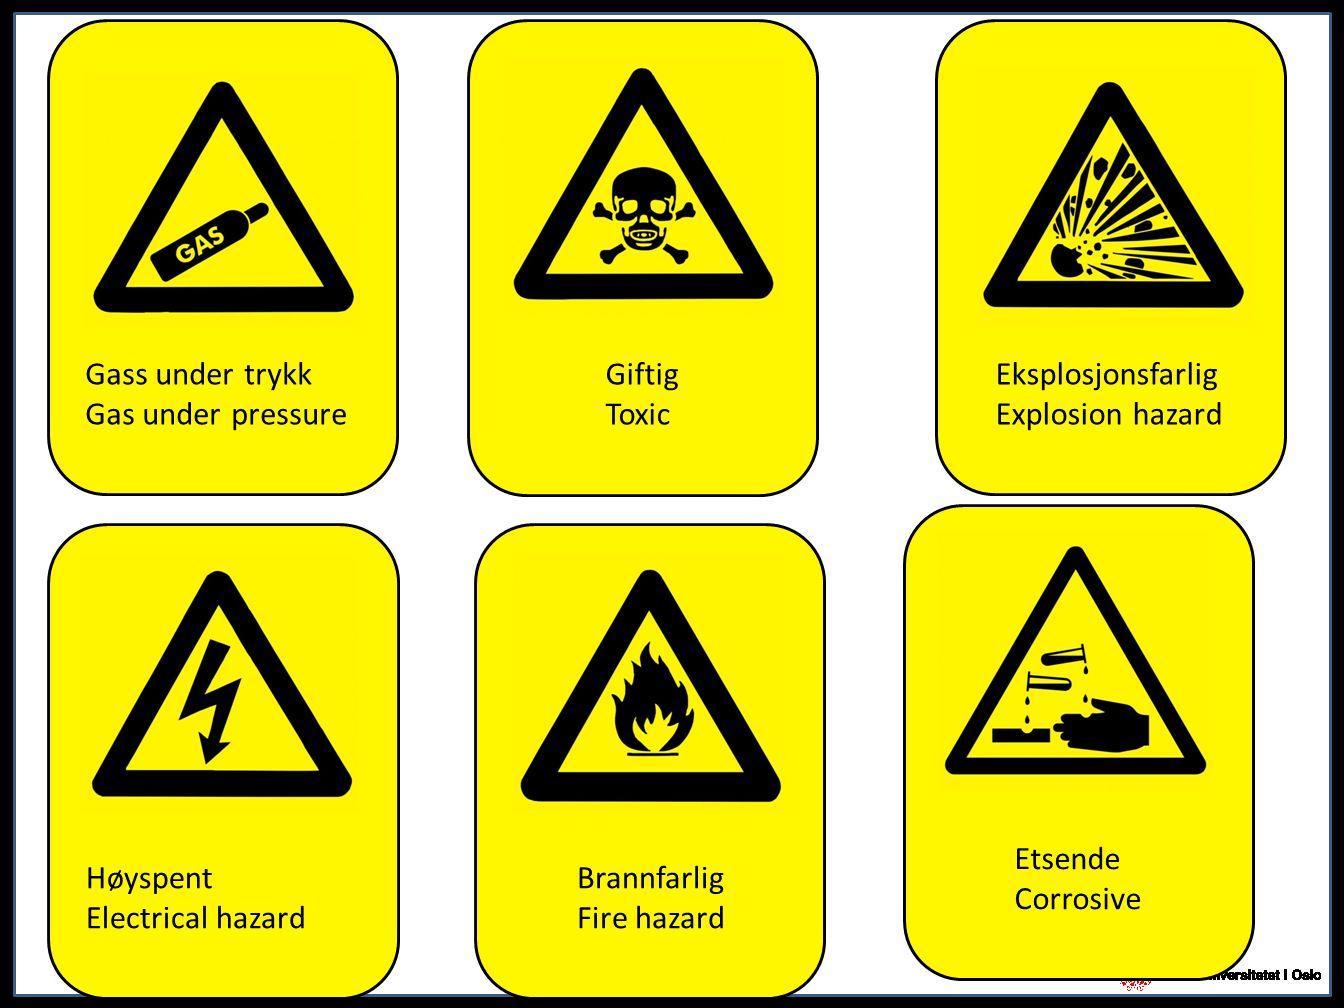 Gass under trykk Gas under pressure. Giftig. Toxic. Eksplosjonsfarlig. Explosion hazard. Etsende.